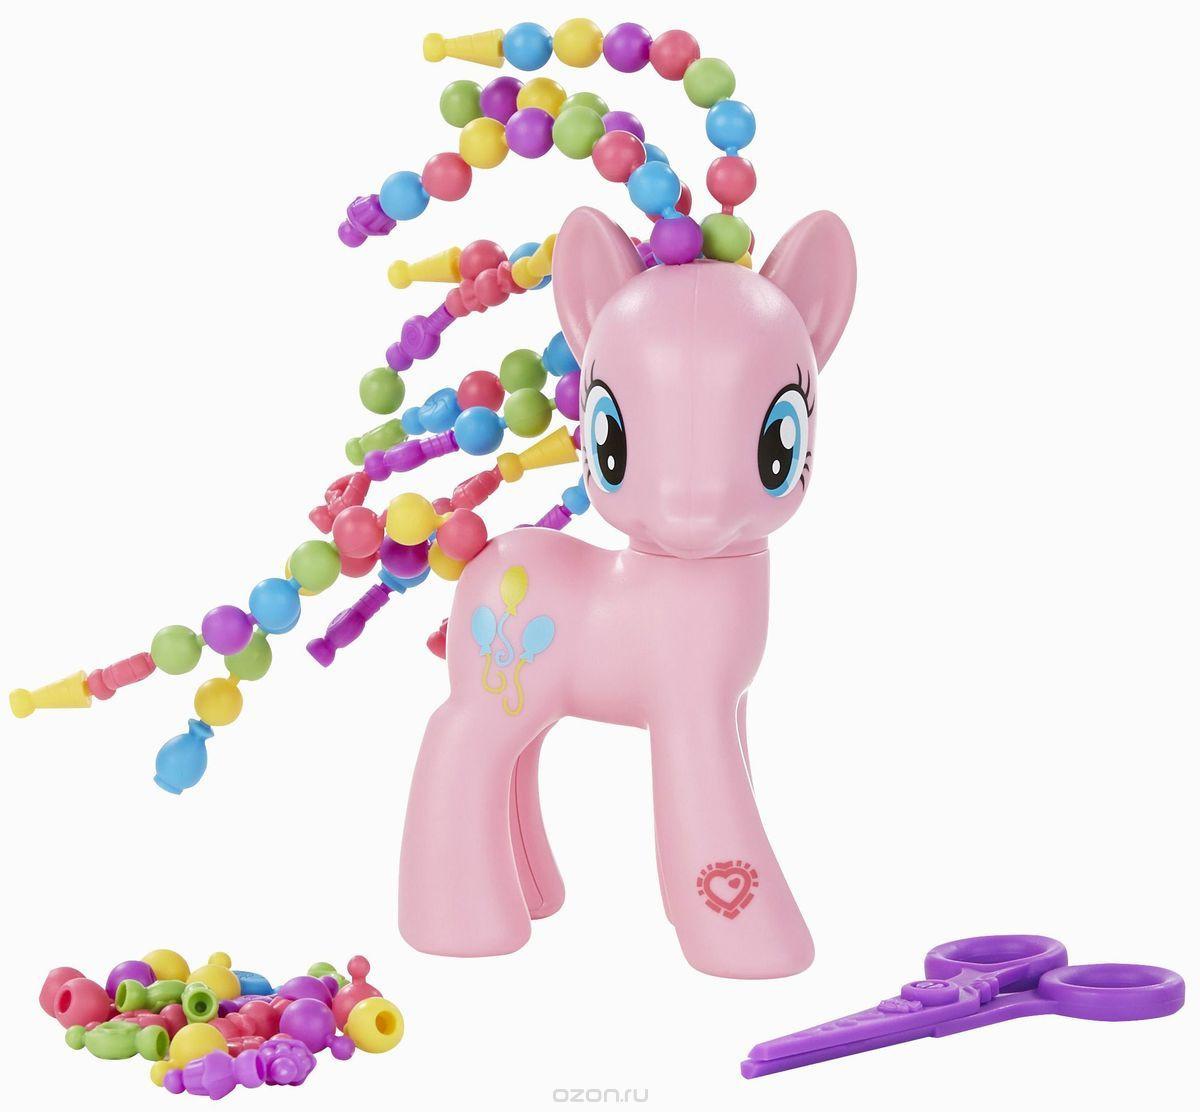 My Little Pony Игровой набор Пони с разными прическами Пинки Пай Explore Equestria Cutie Twisty-Do Pinkie Pie